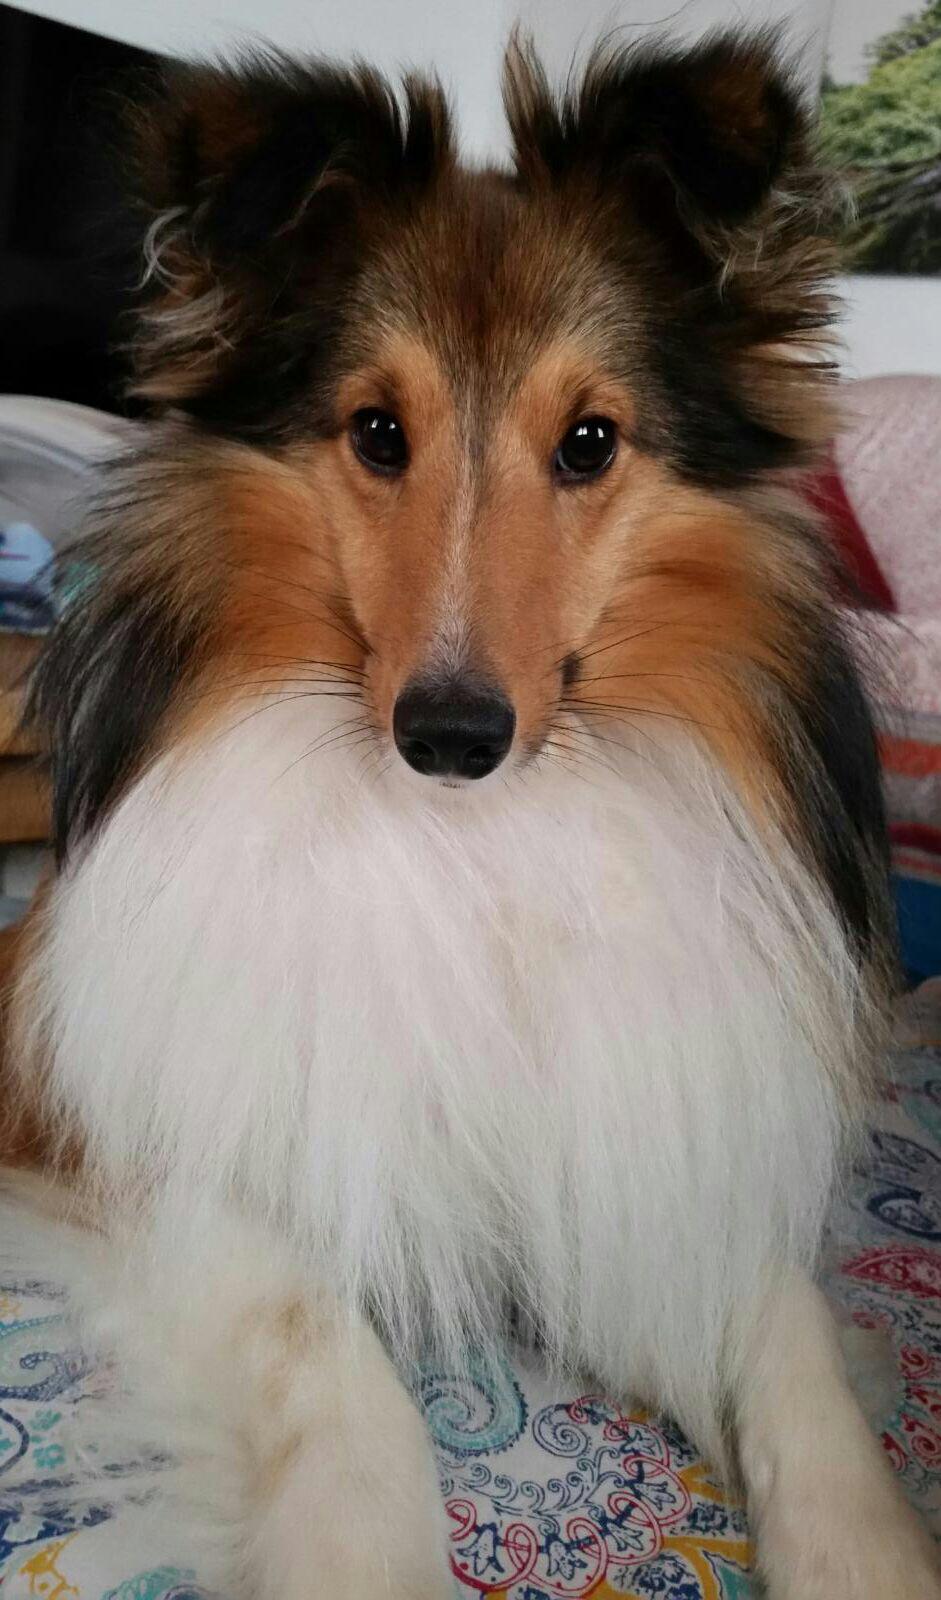 CheekyChopard mit knapp 1,5 Jahren. So ein süßer Blick!